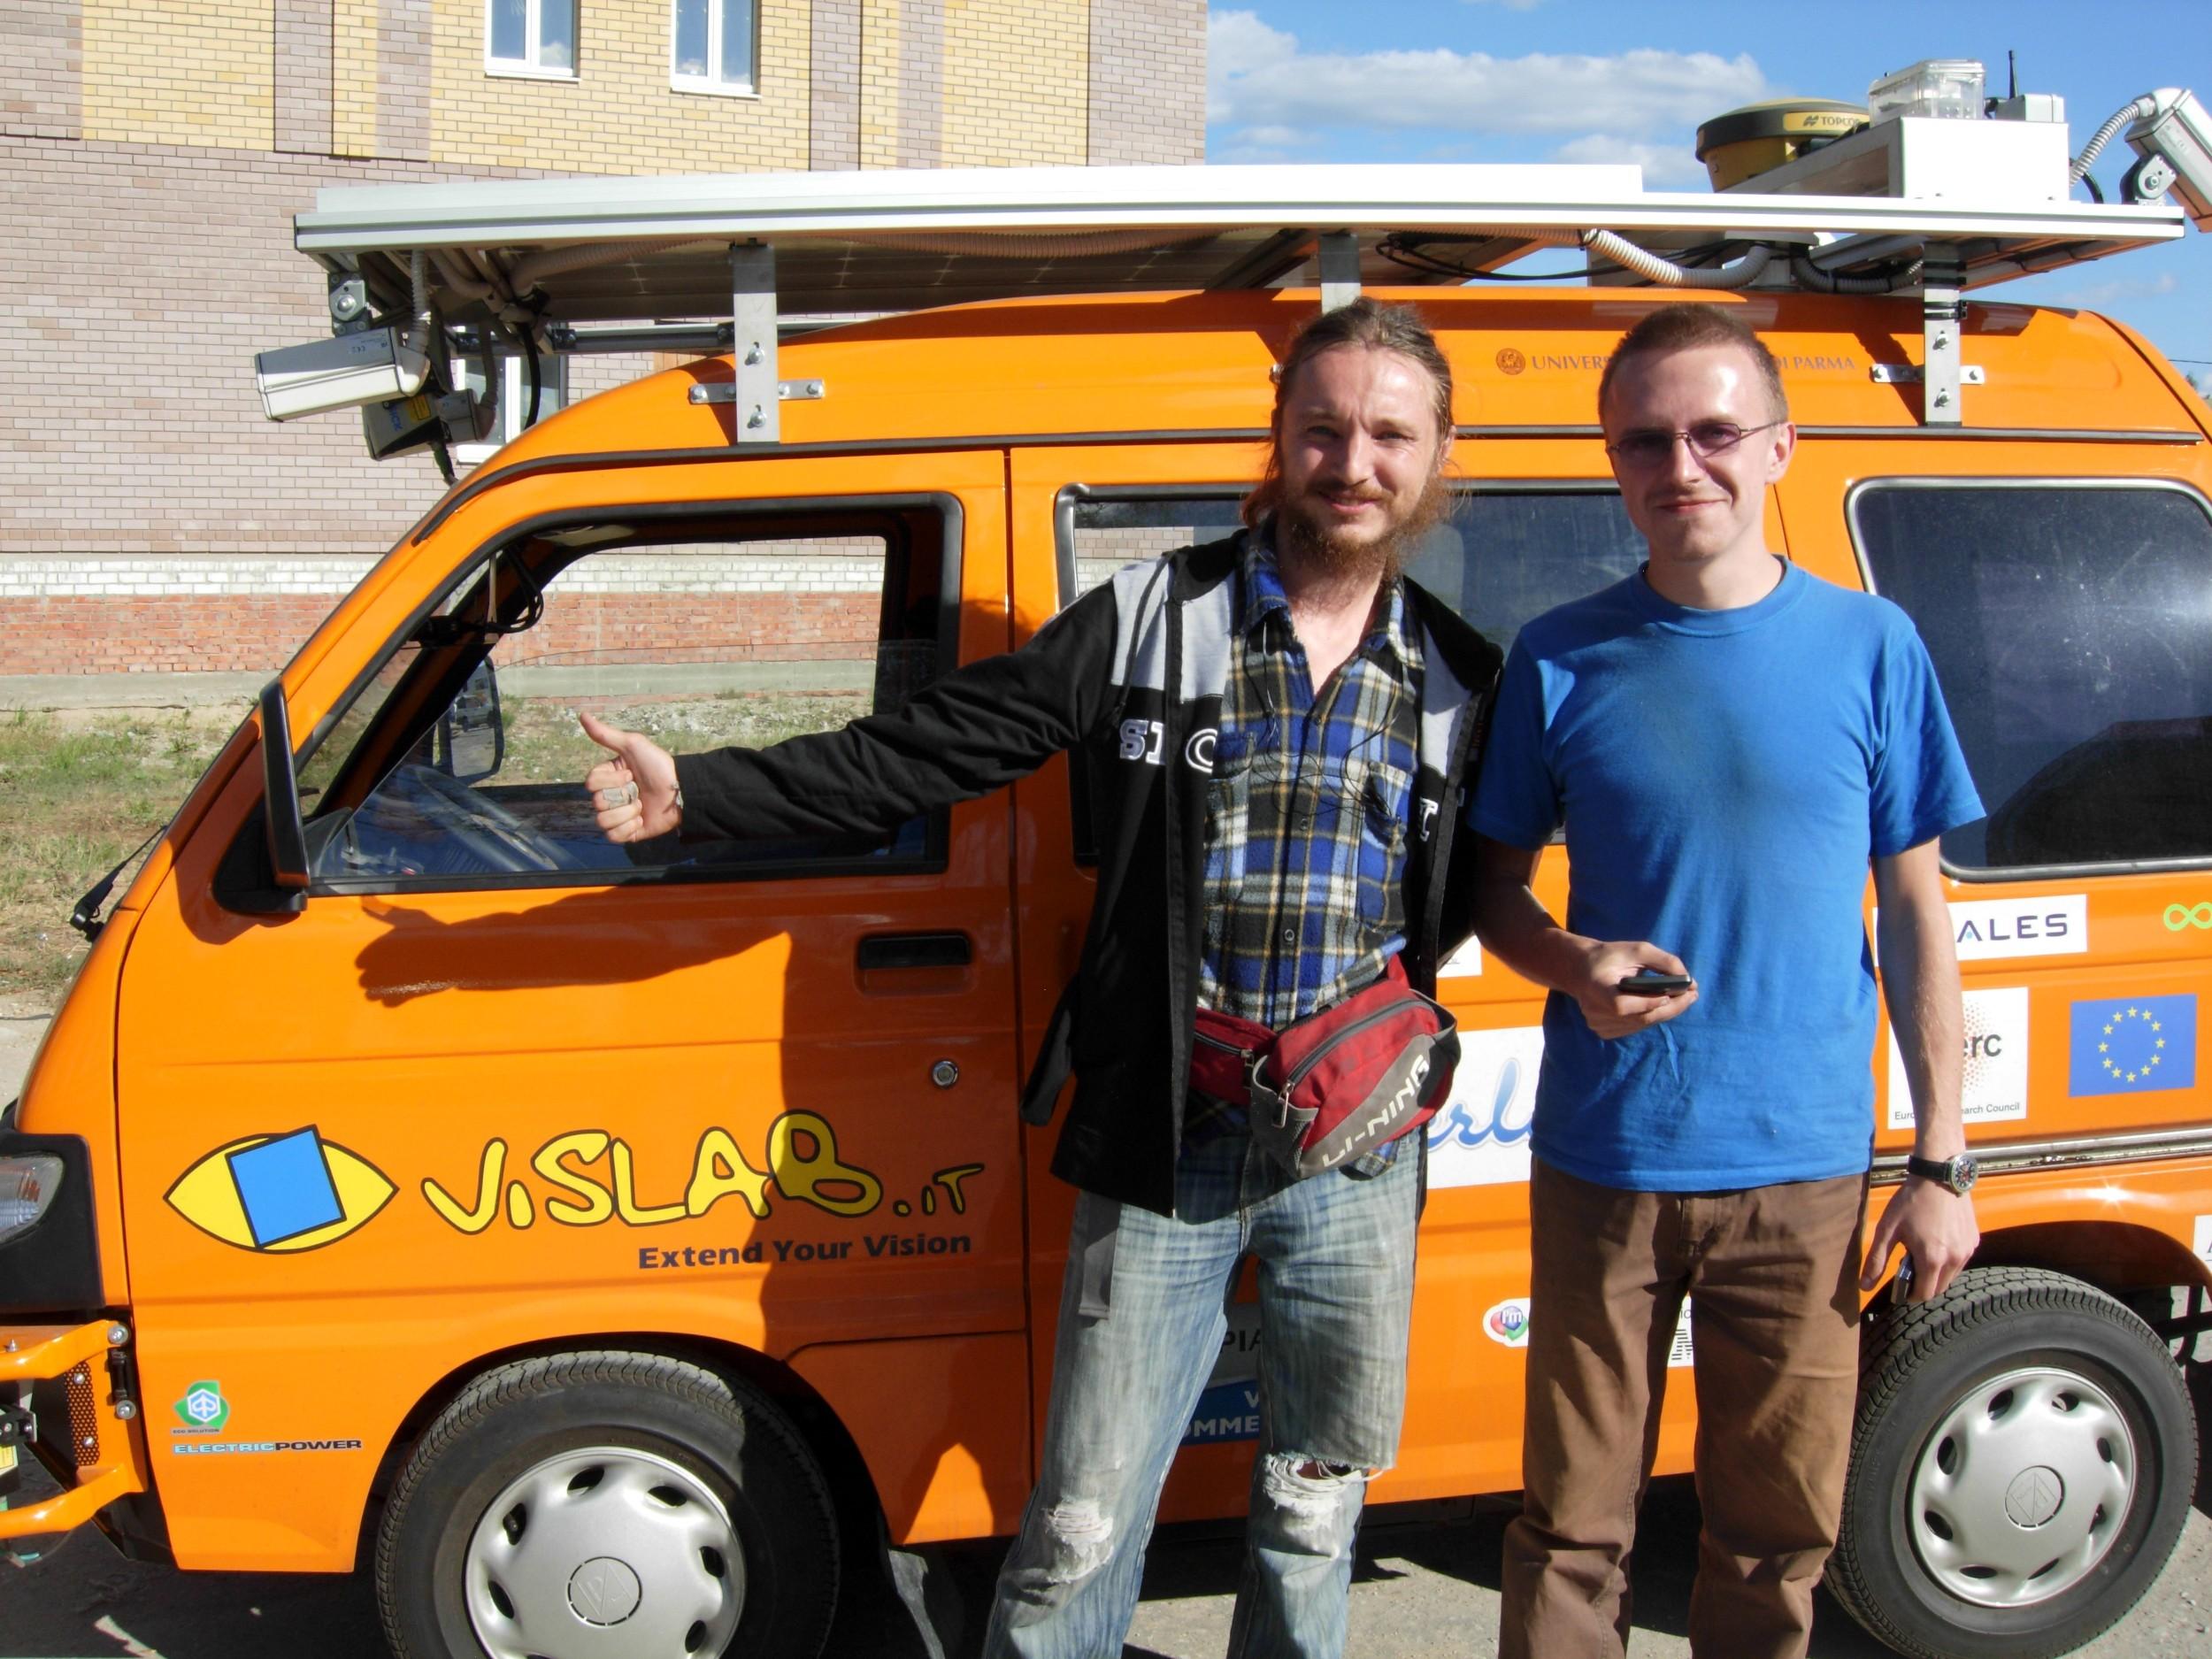 autonomous car di VisLab